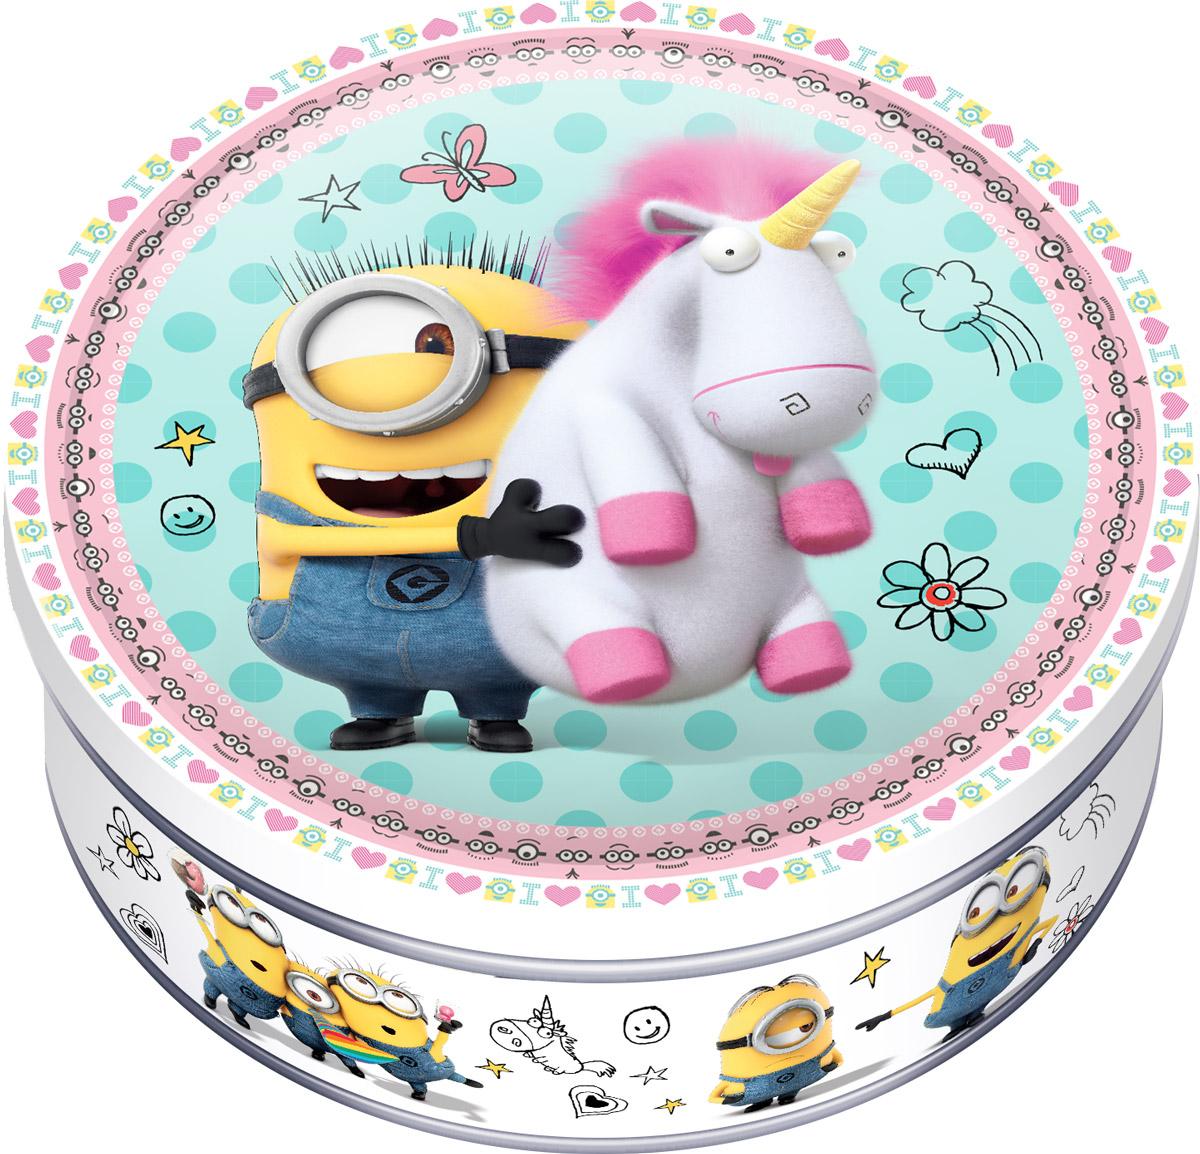 Minions печенье сдобное с шоколадом, 150 г mymei 1 комплект 12шт набор гадкий я 2 миньоны рисунок игрушки в розницу 96408